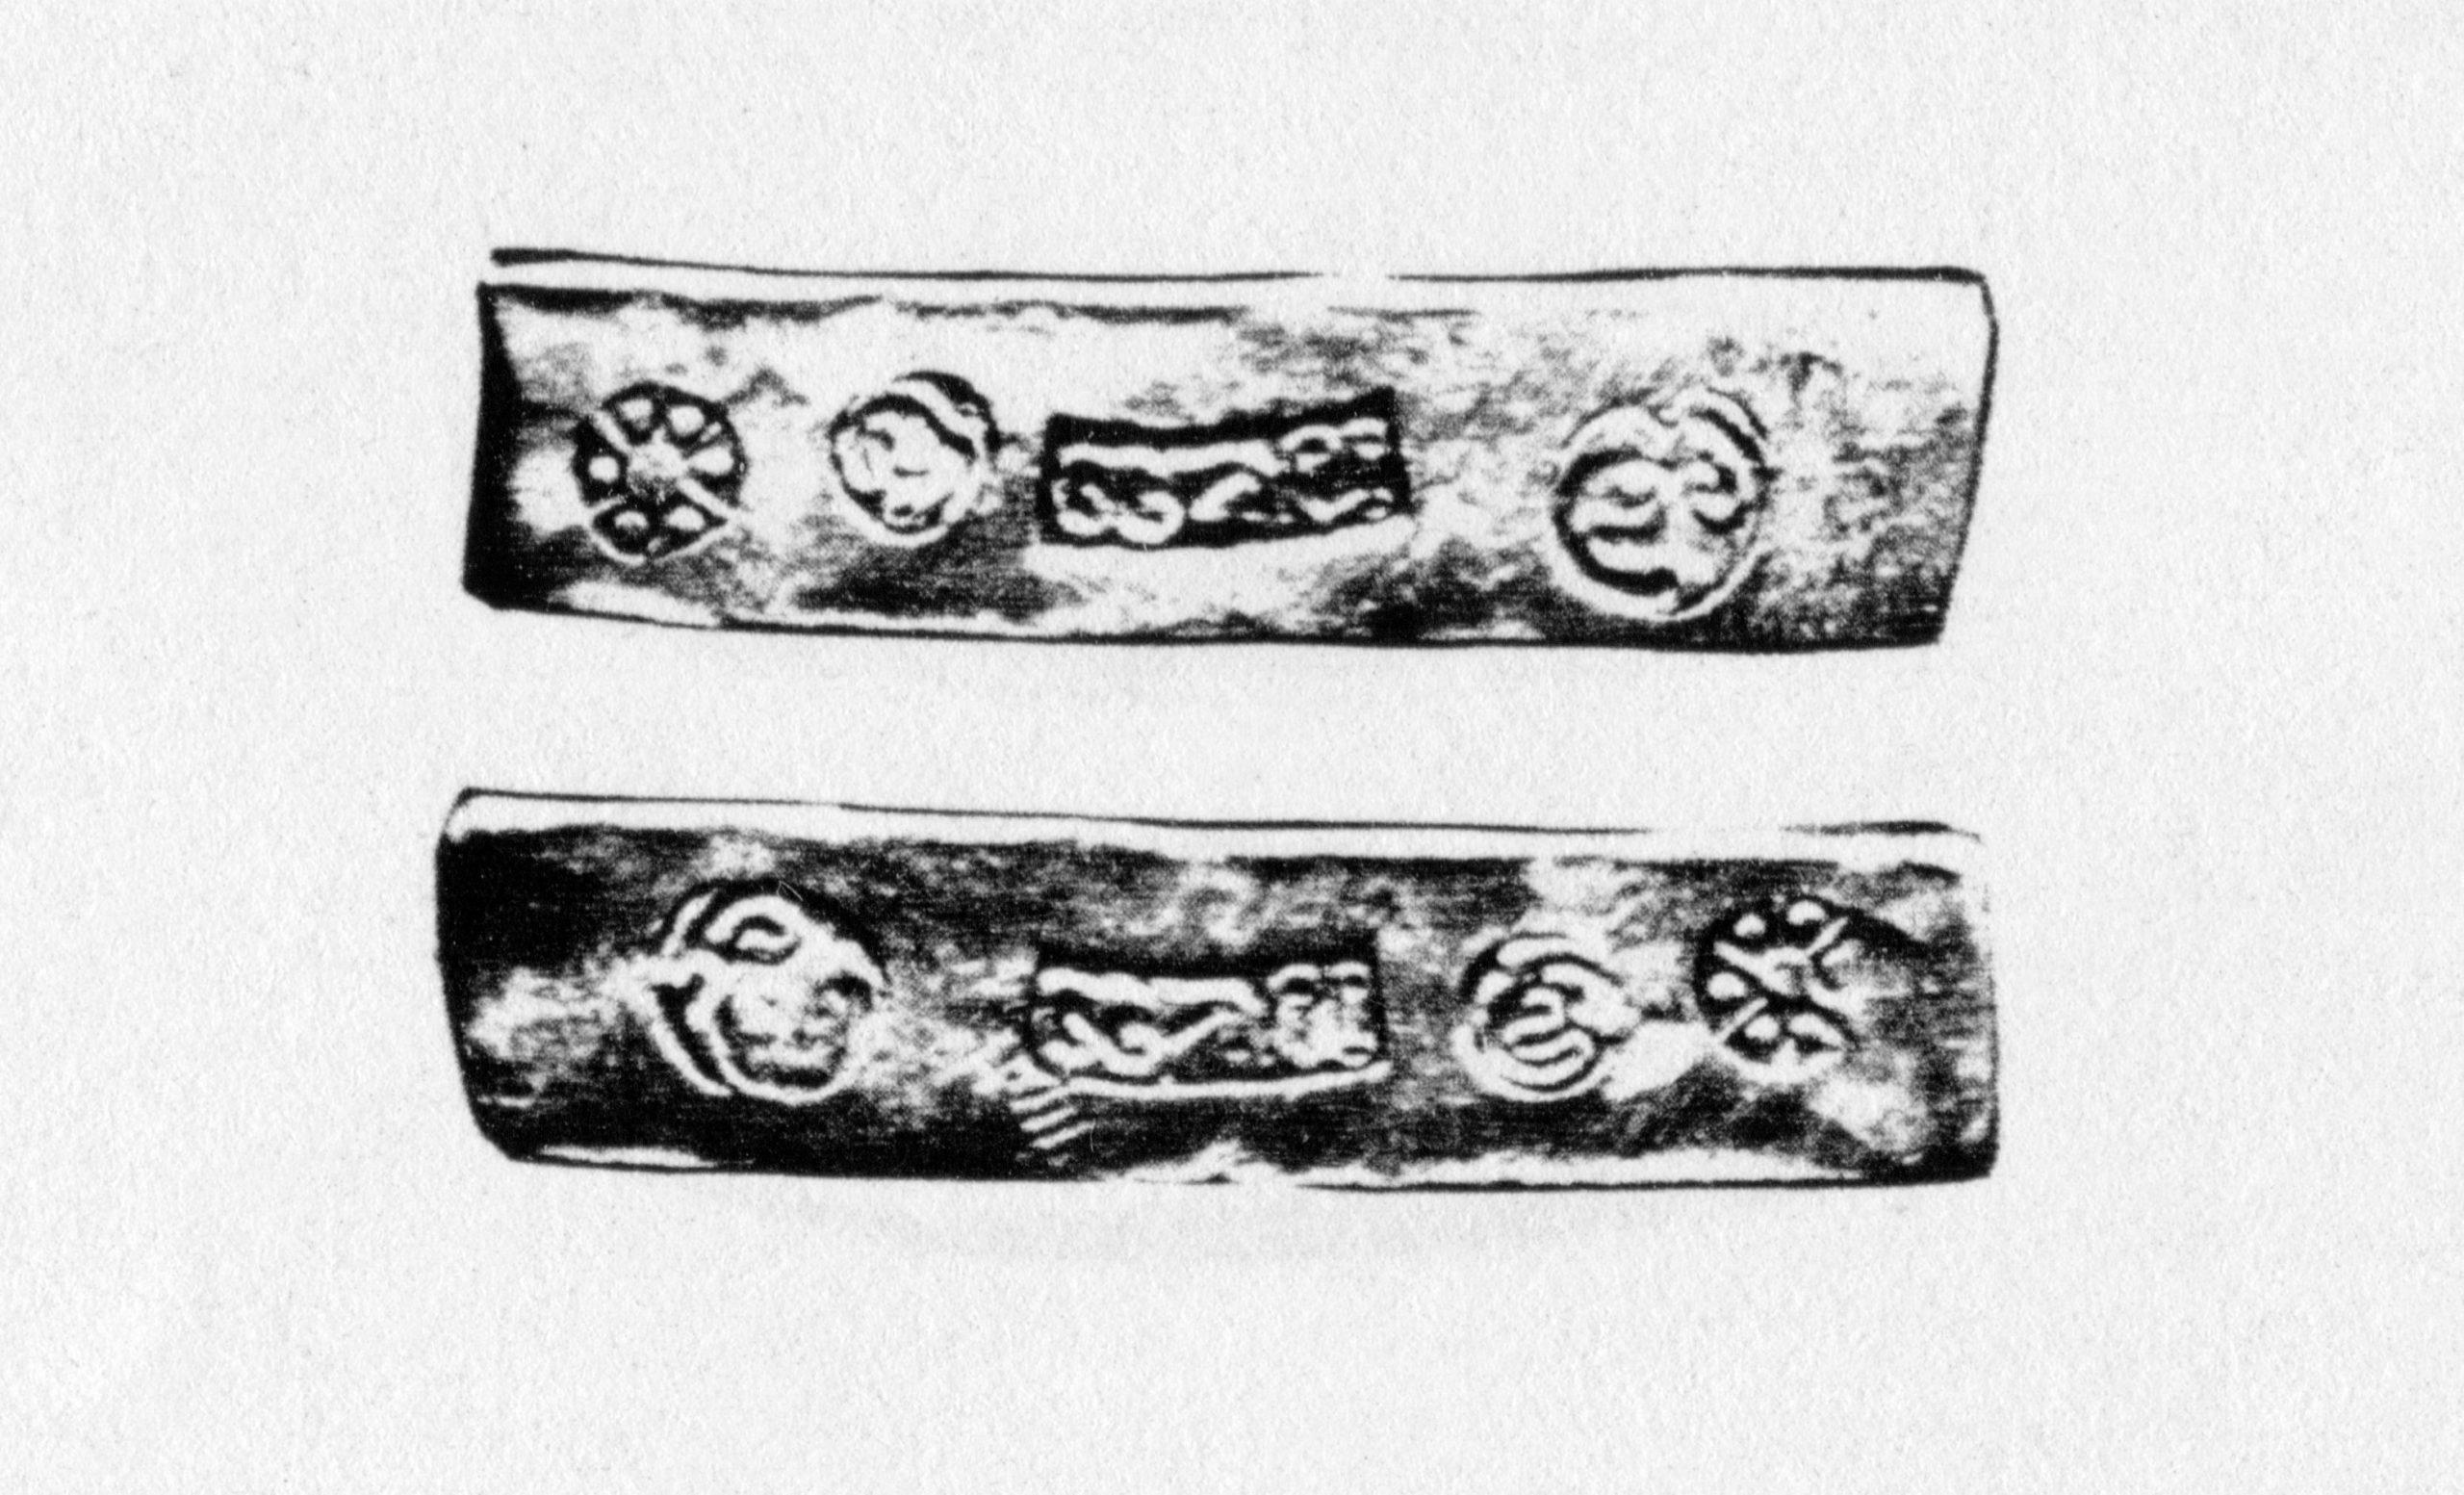 PGS 41,2 (2020) Tafel 29 Abb. 6: Gehämmerter Saen Silberbarren. 4 baht, 62,2 g. (Aus Mitchiner 1979:354).